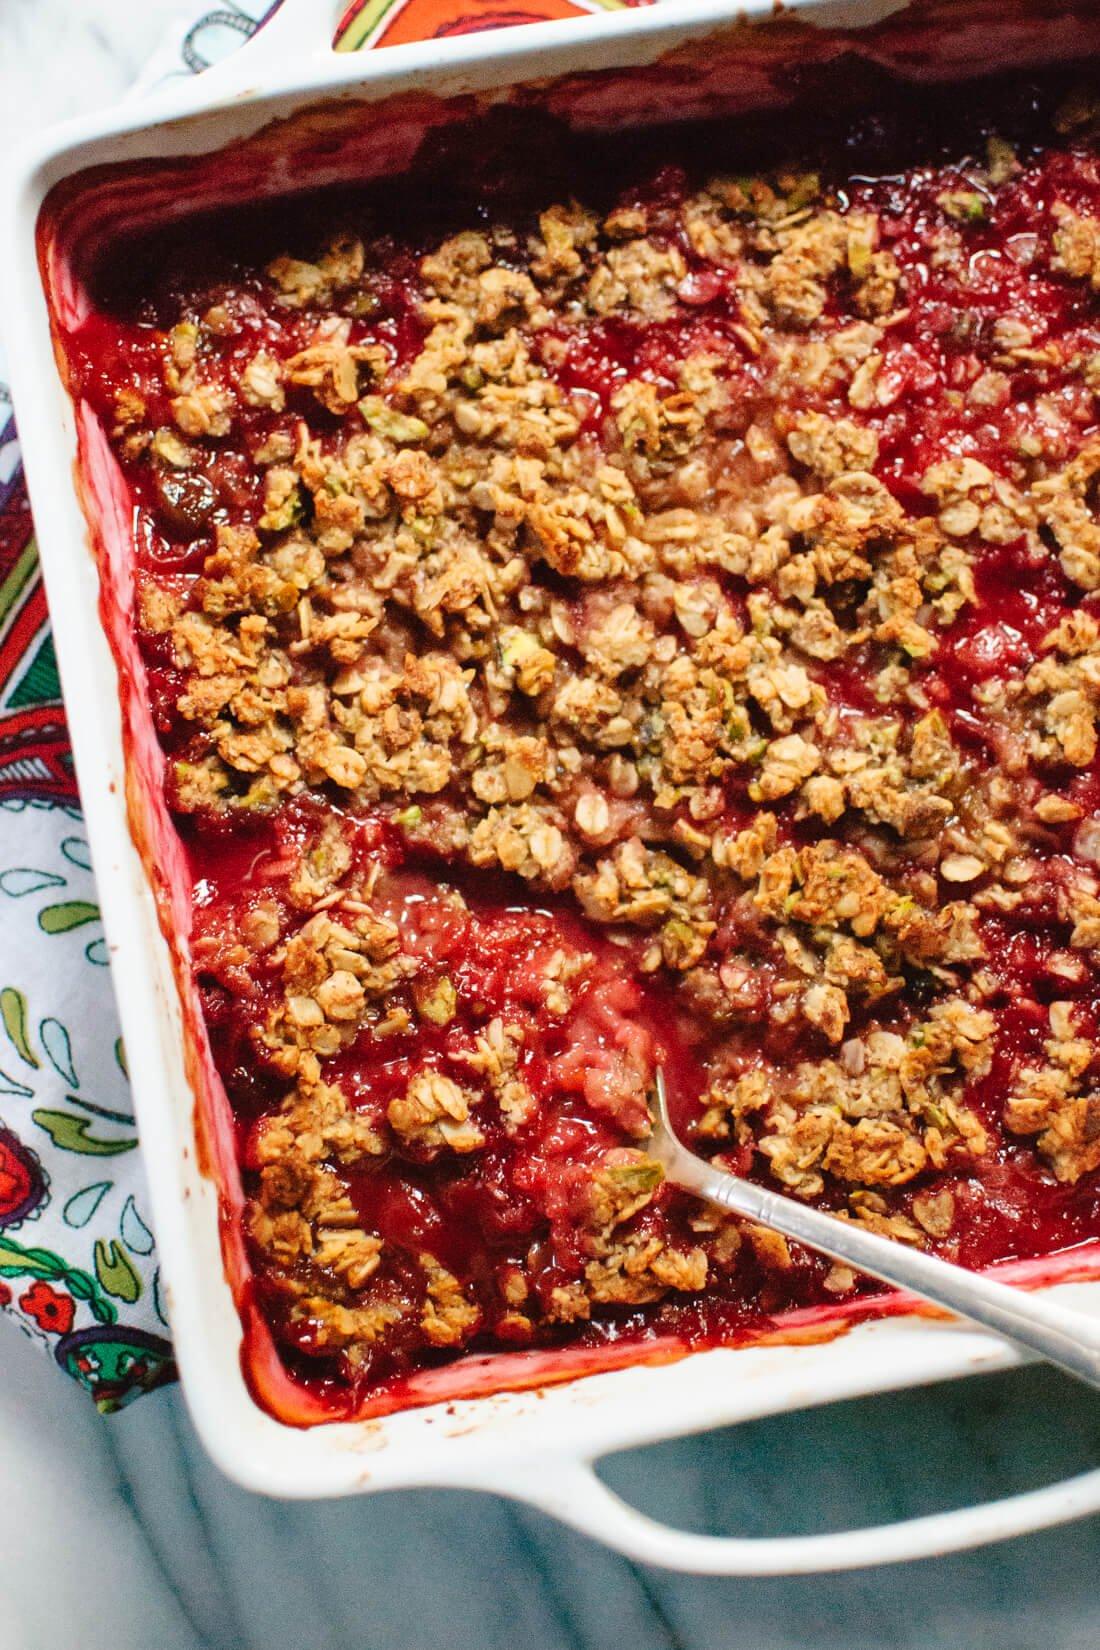 gluten-free plum crisp recipe